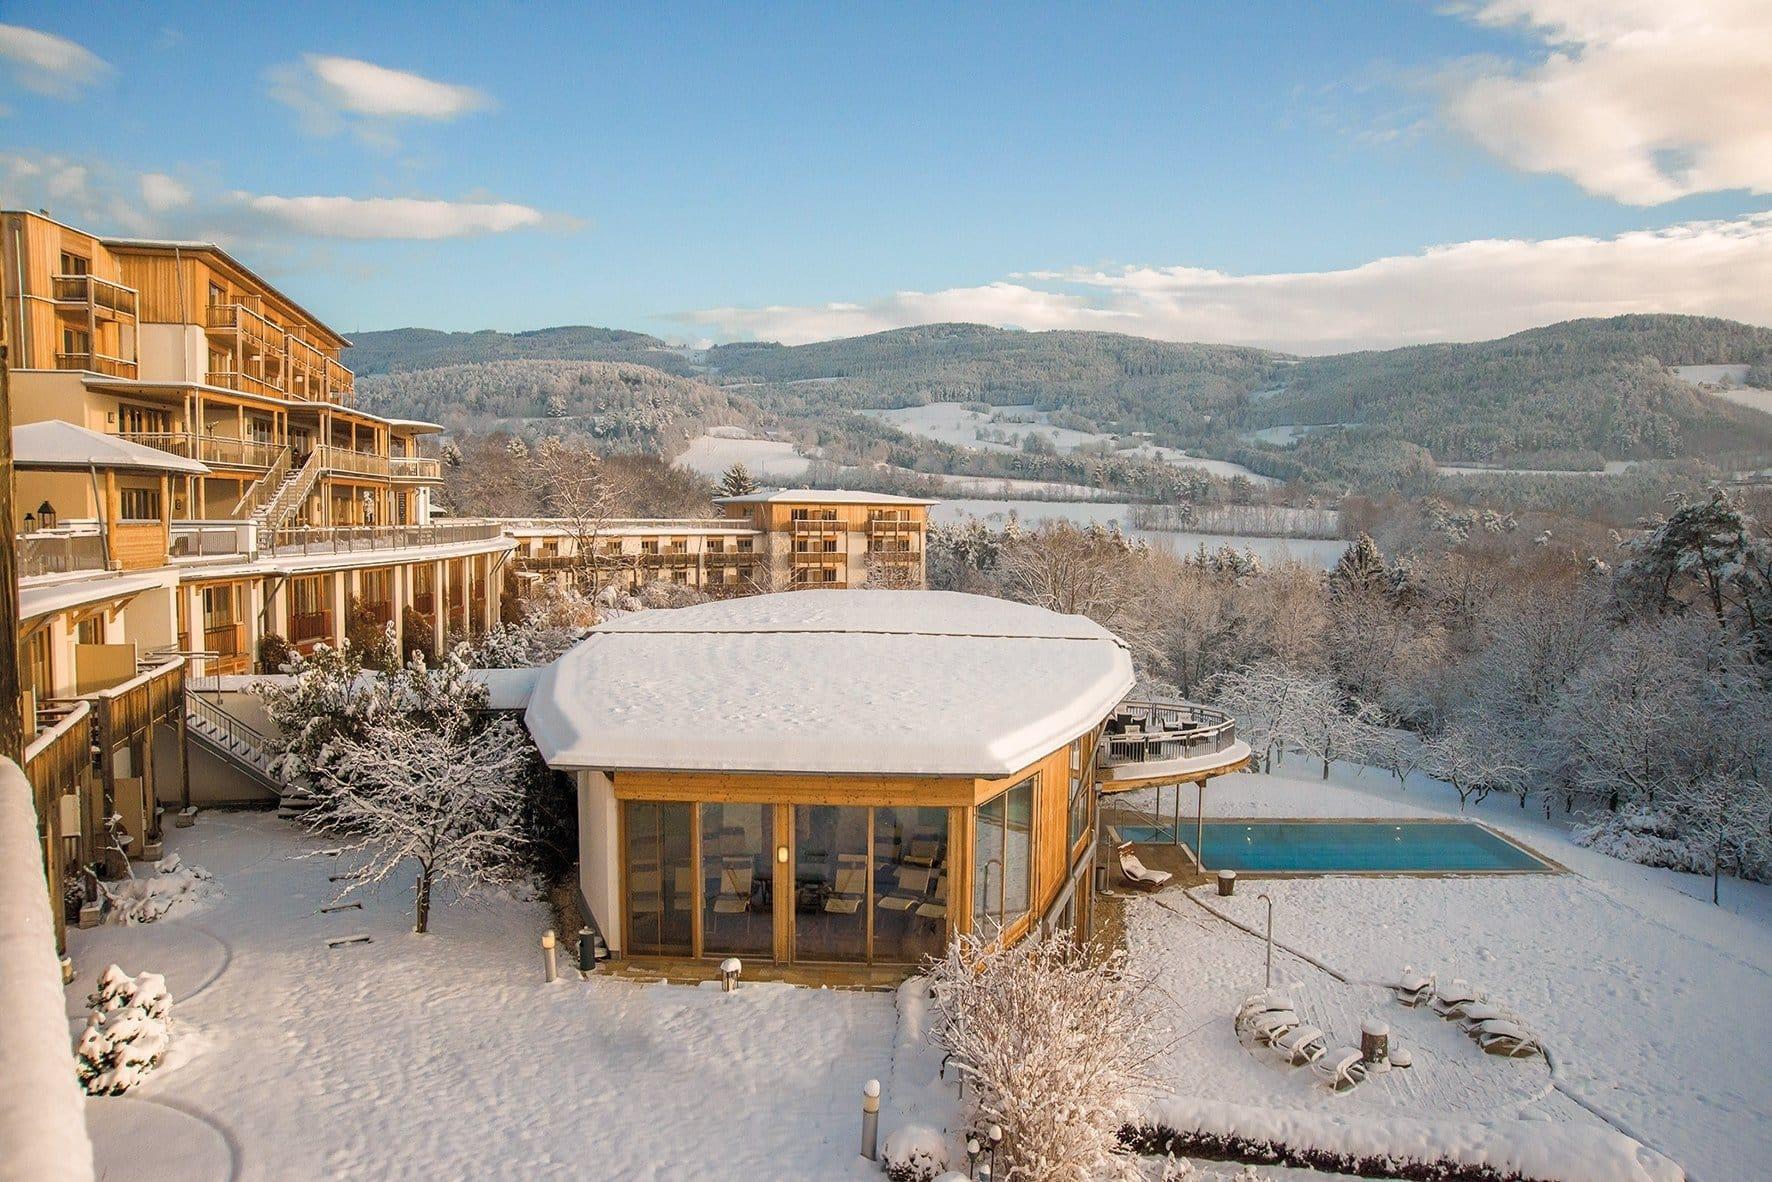 Winteraufnahme-Retter-Hotel-Bio-Restaurant-mit-Weitblick